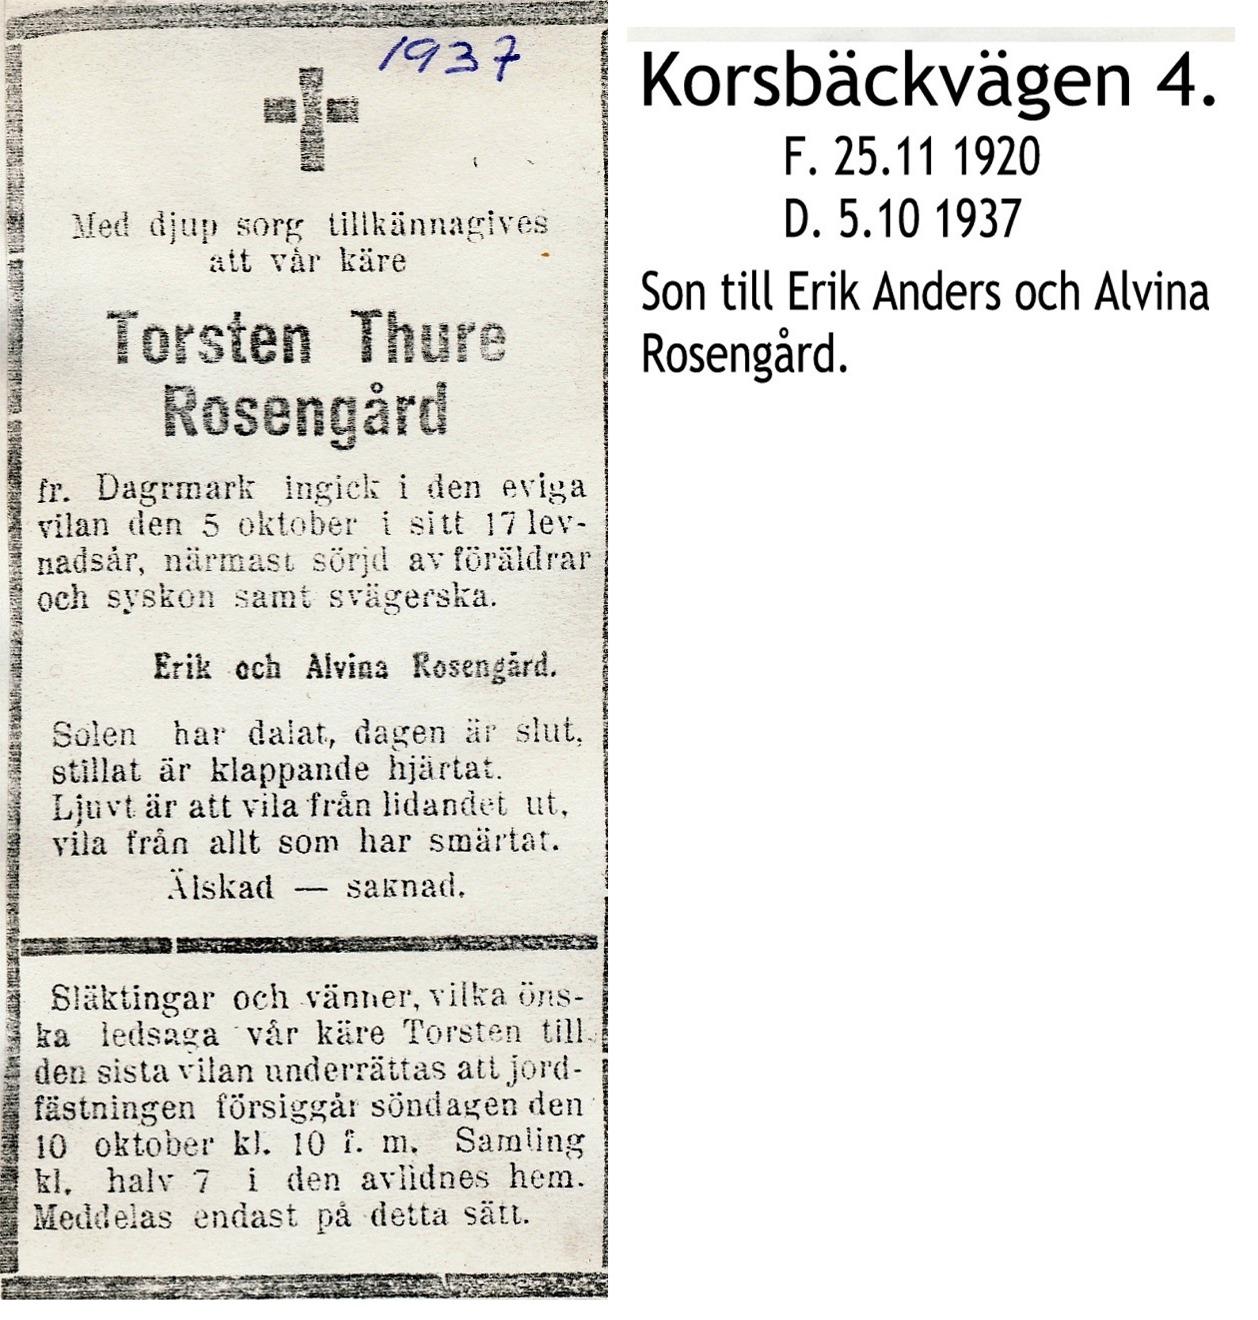 Rosengård Torsten Thure